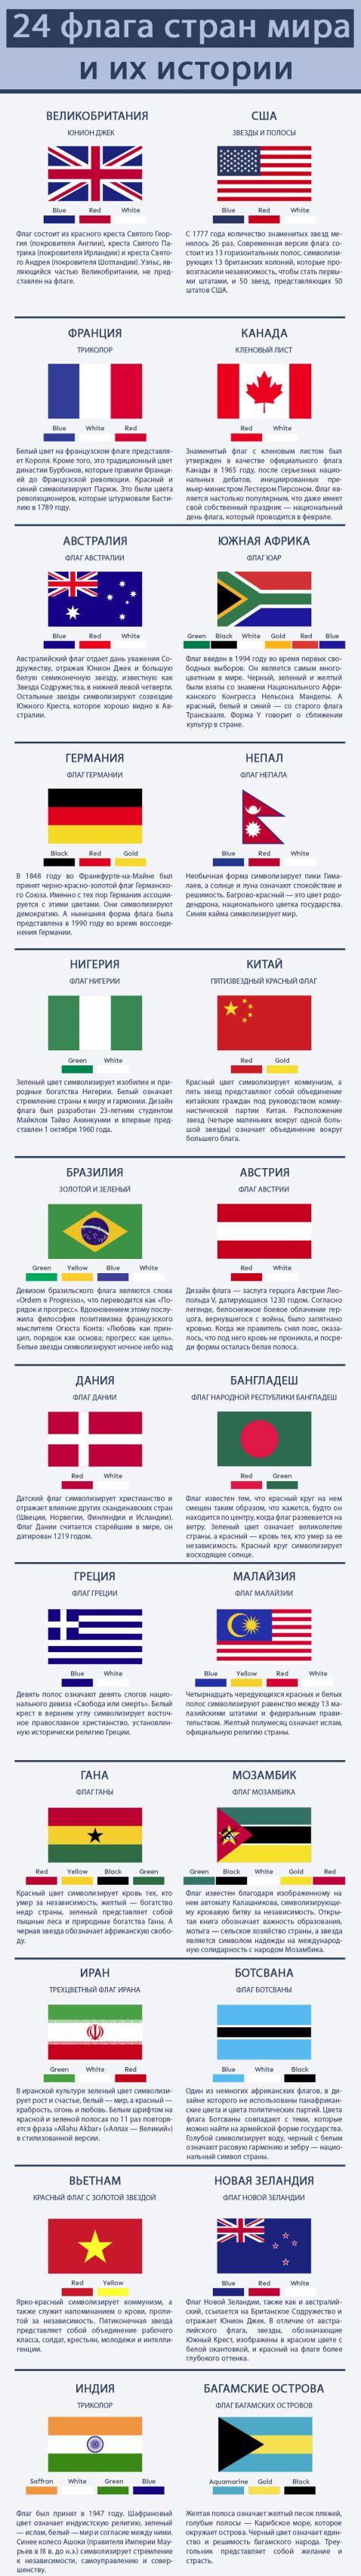 24 прапора країн світу і їх історії